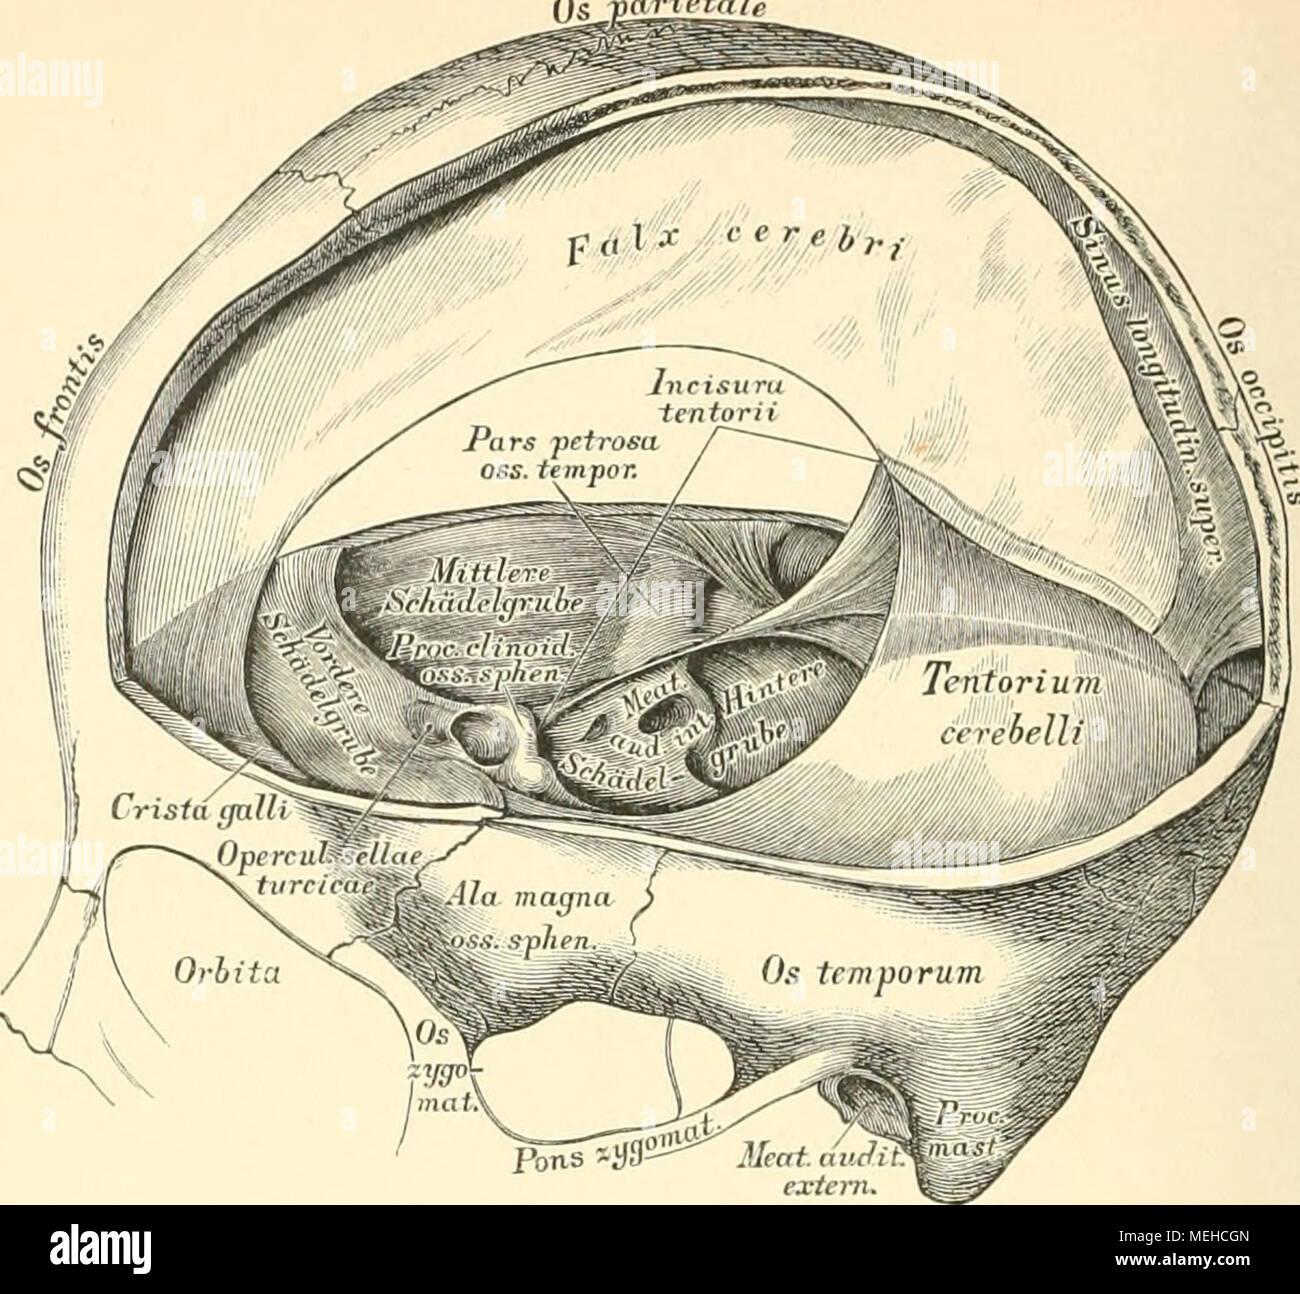 Erfreut Diagramm Auge Anatomie Fotos - Menschliche Anatomie Bilder ...